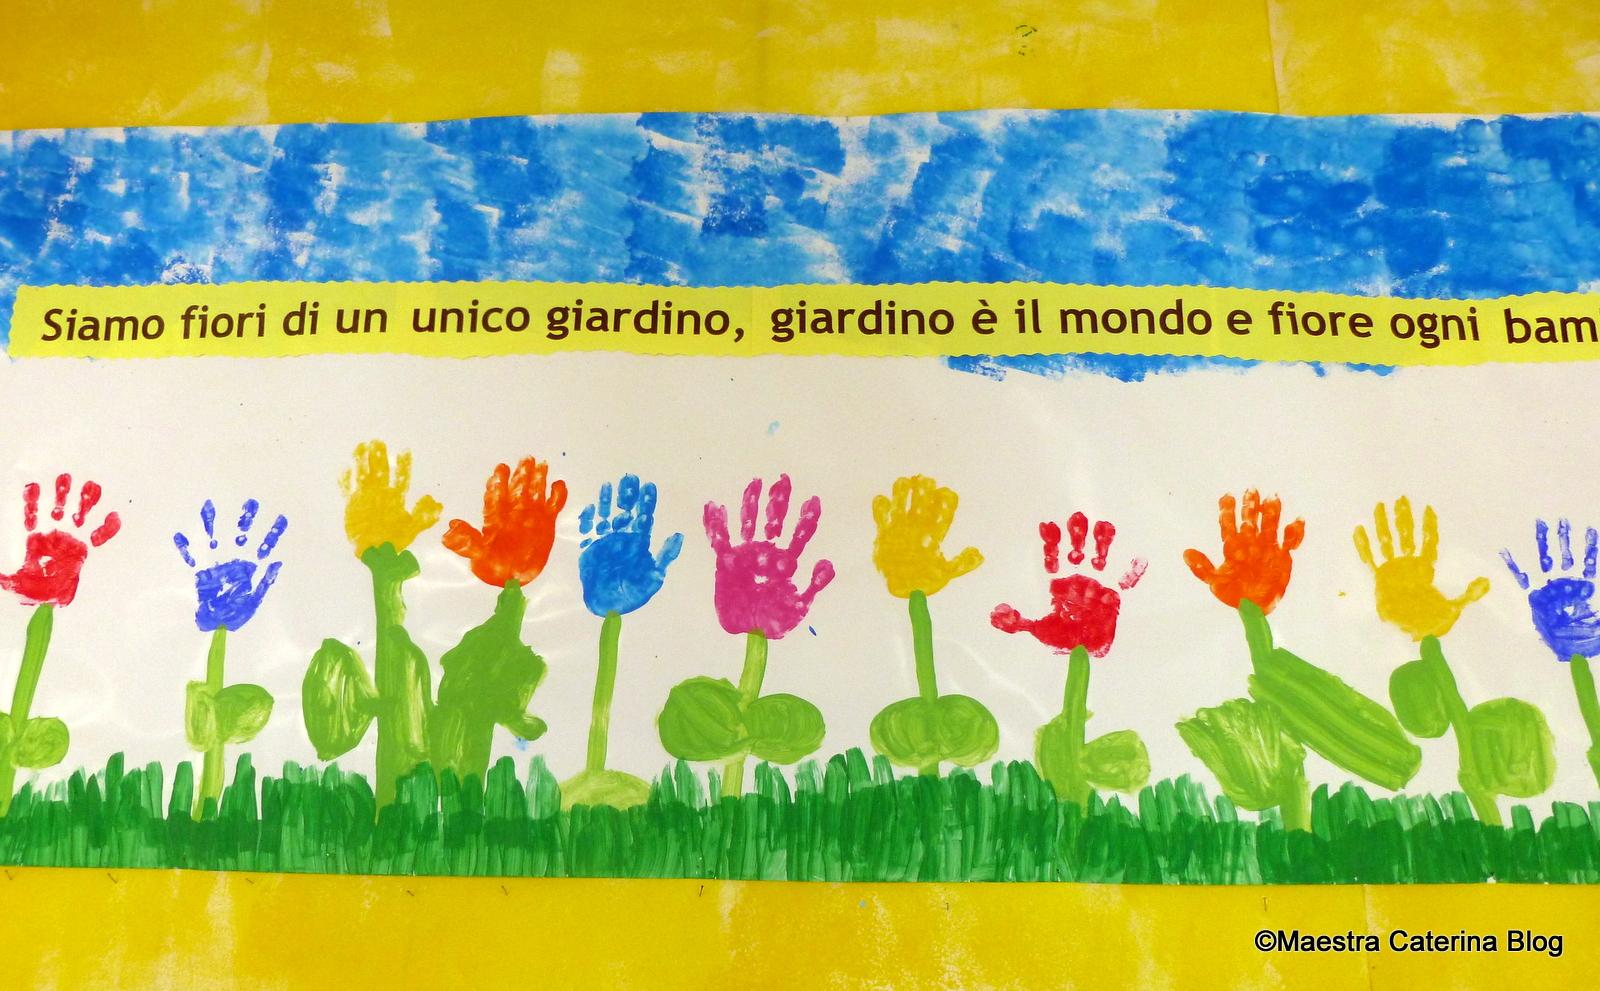 Amato Maestra Caterina: Cartellone per accoglienza LJ45